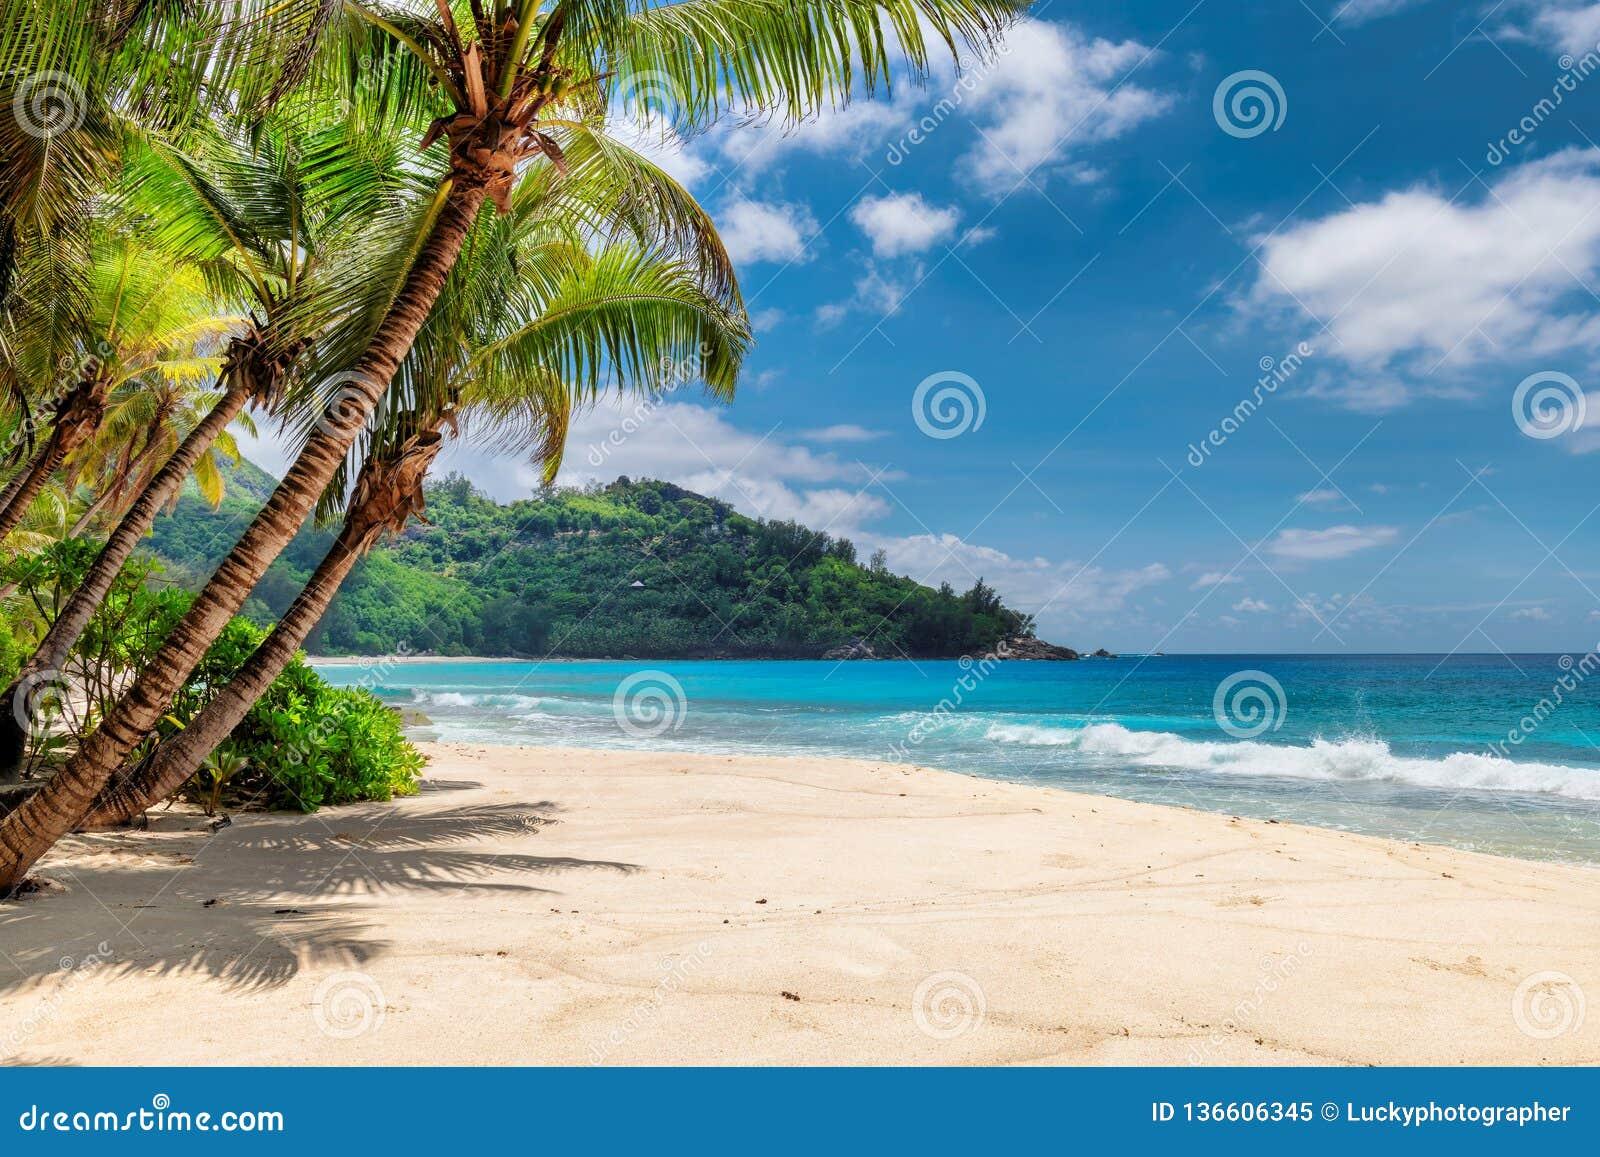 Palme e spiaggia tropicale con la sabbia bianca